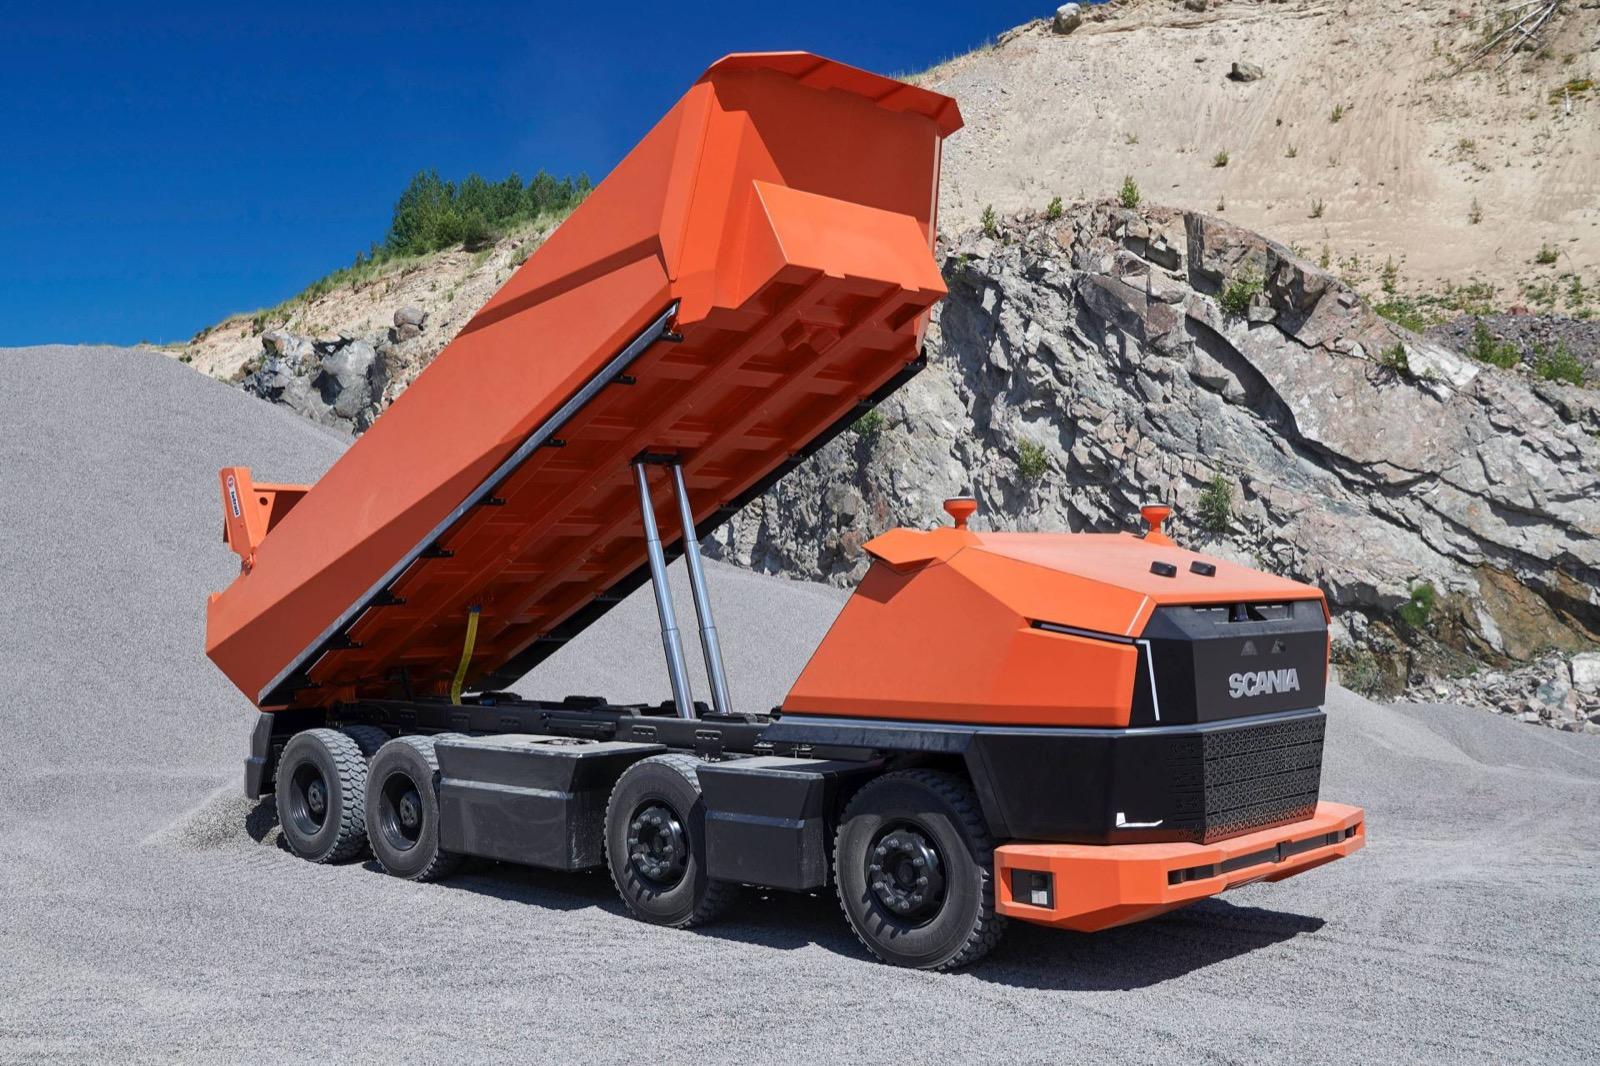 Camion Autonomo Scania 6